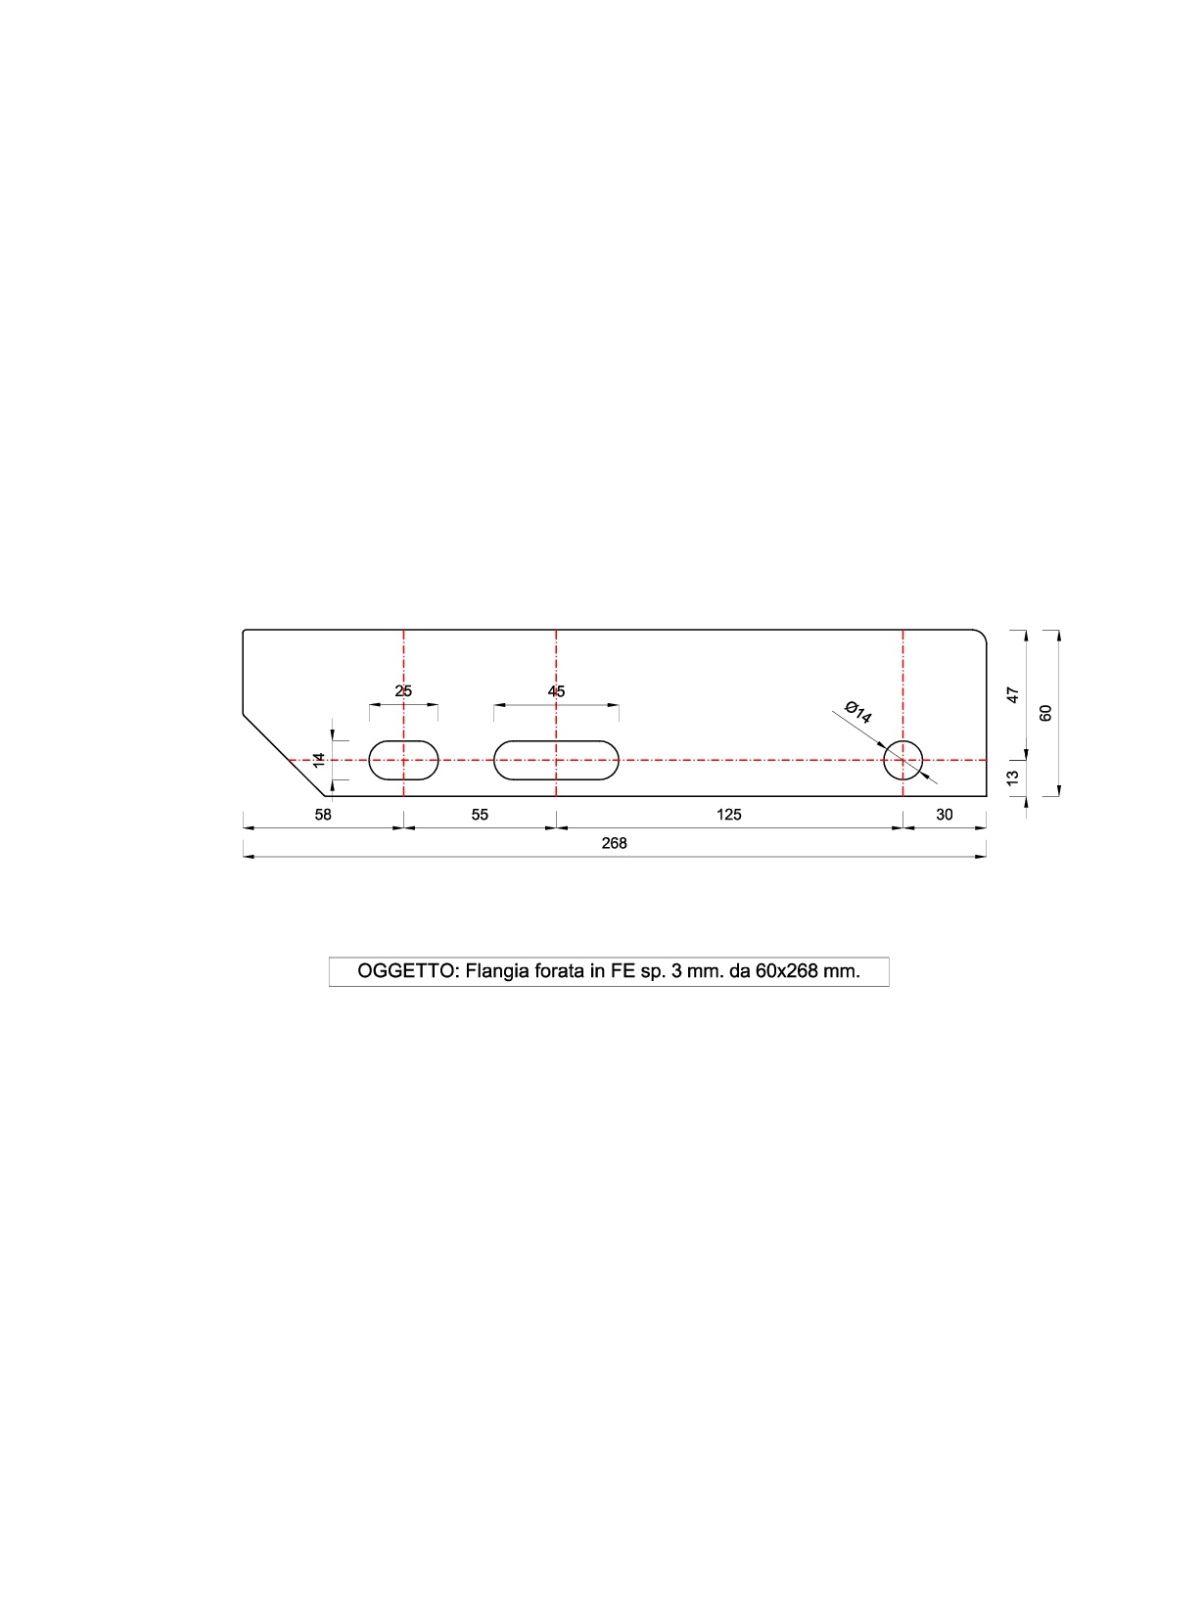 Costo Profilati Ferro Al Kg gradino standard in grigliato zincato con piastre forate e rompivisuale  dim. 700 x 268